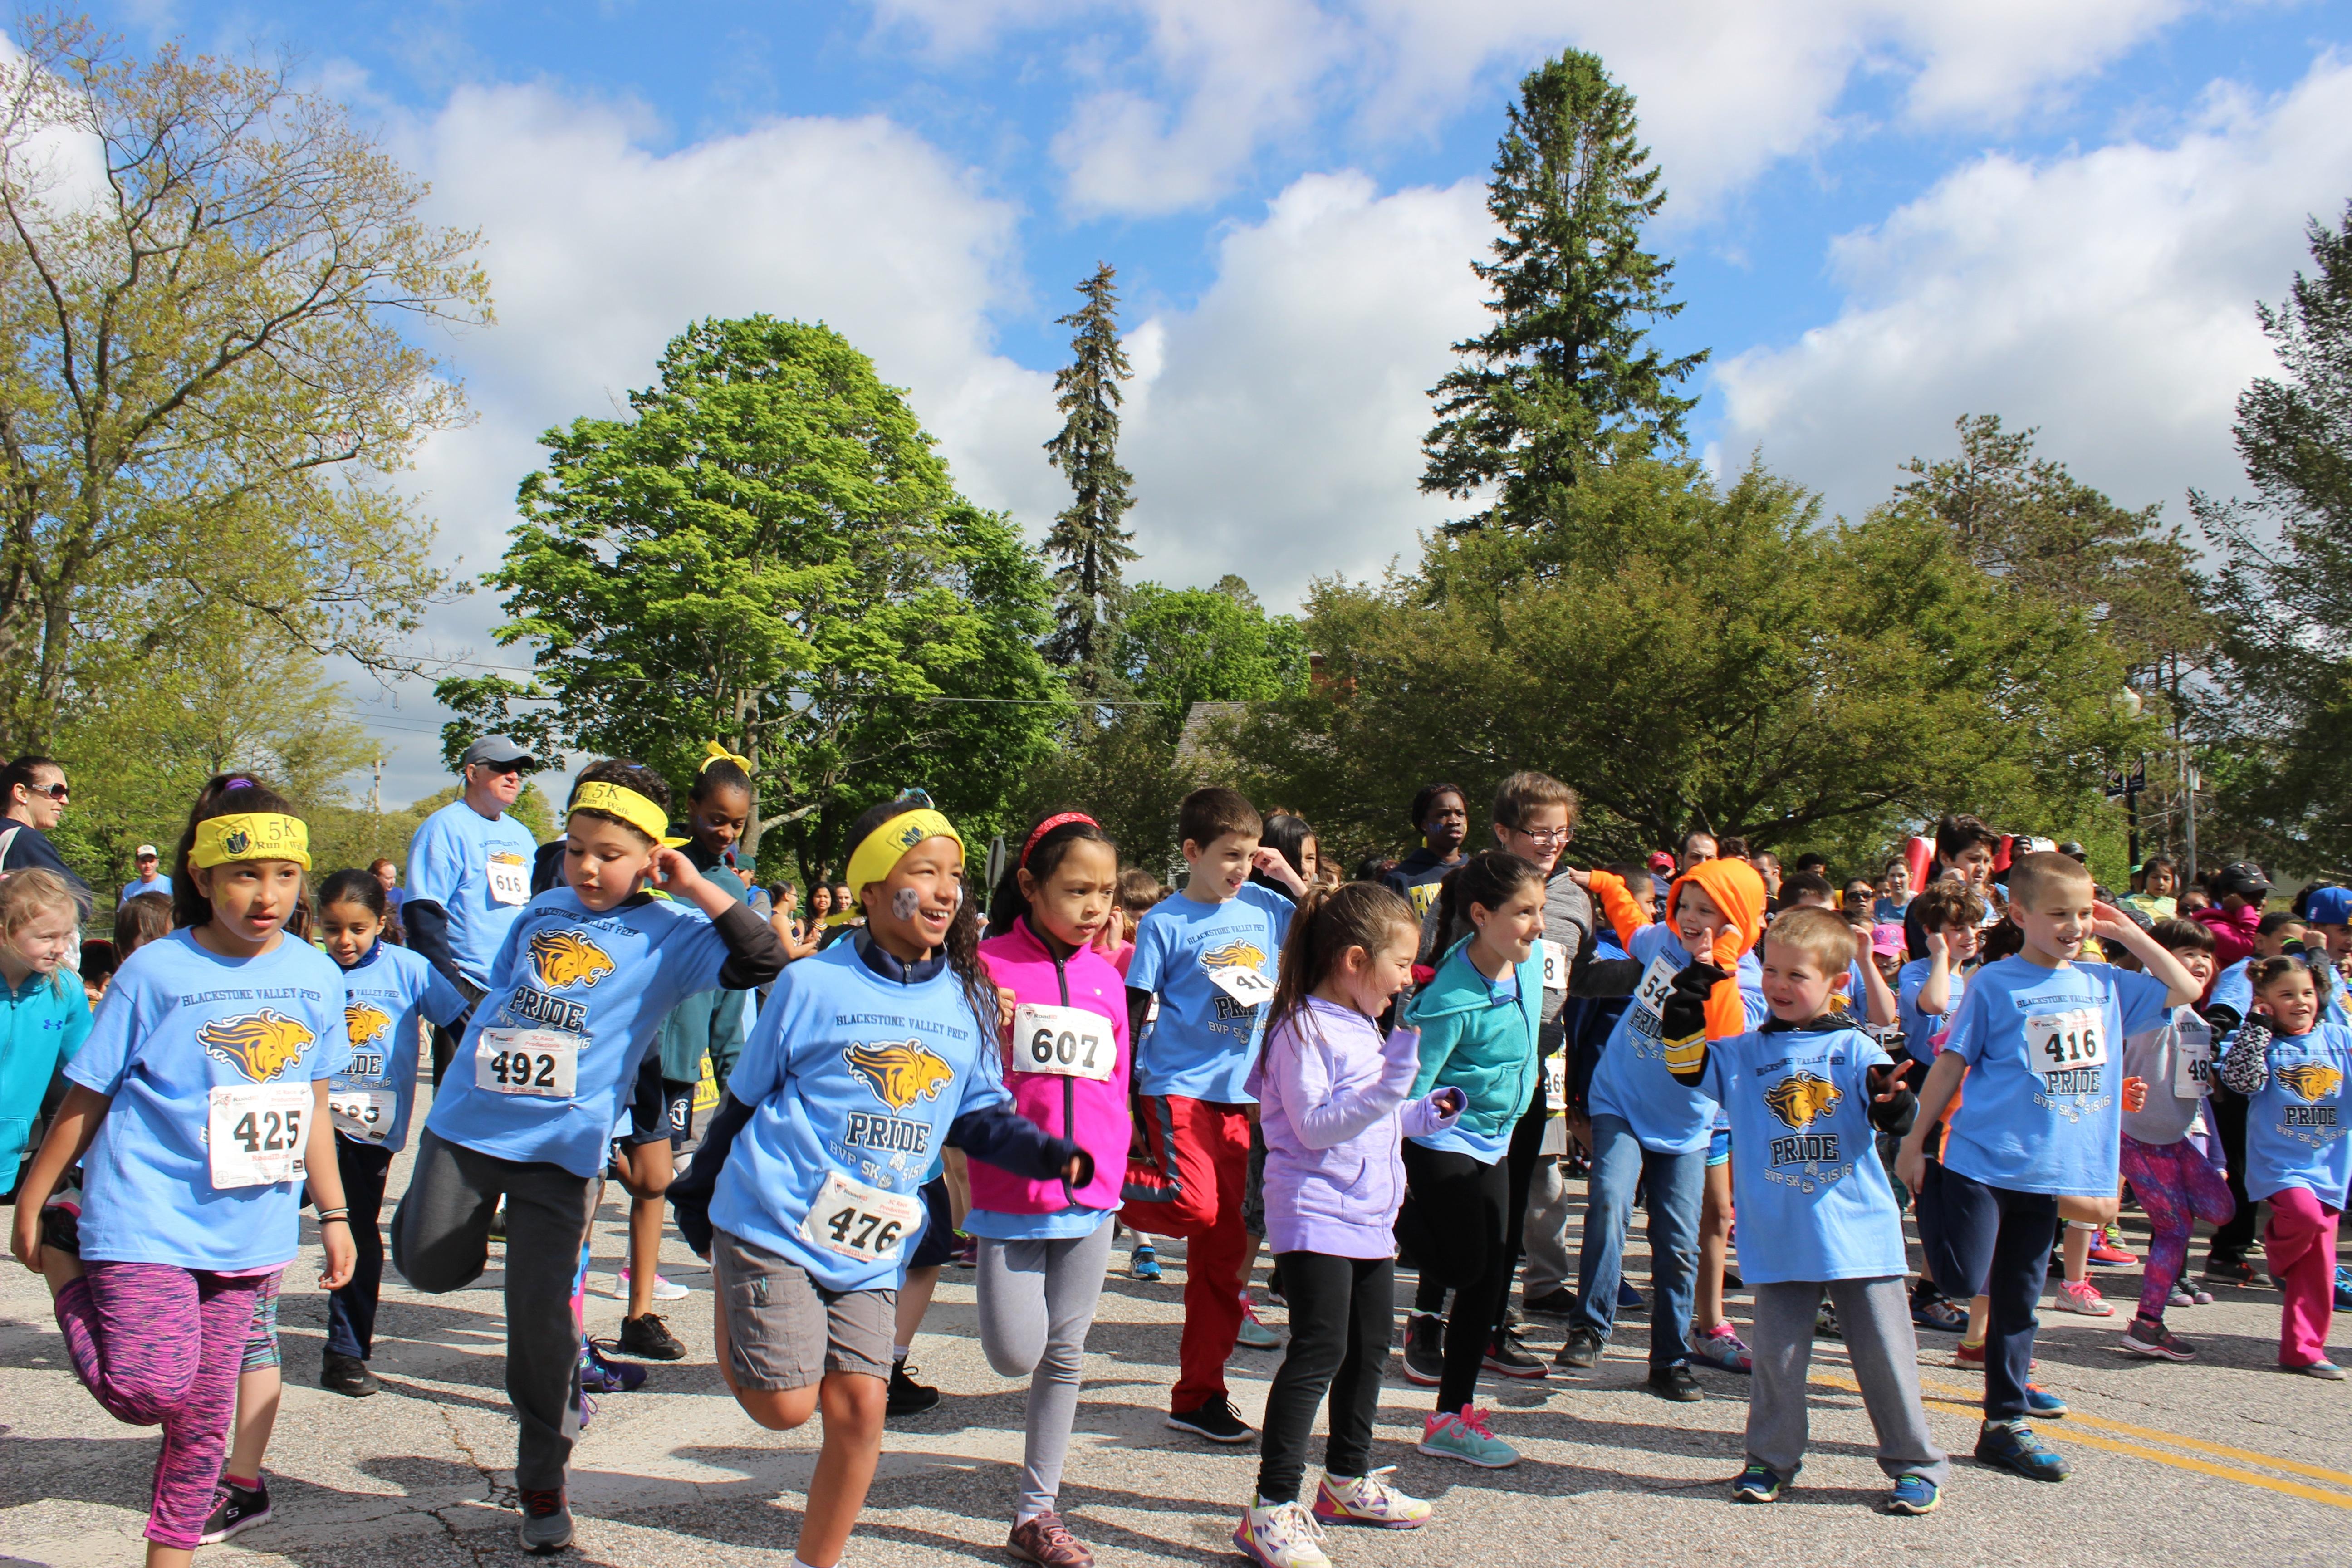 5k race participants